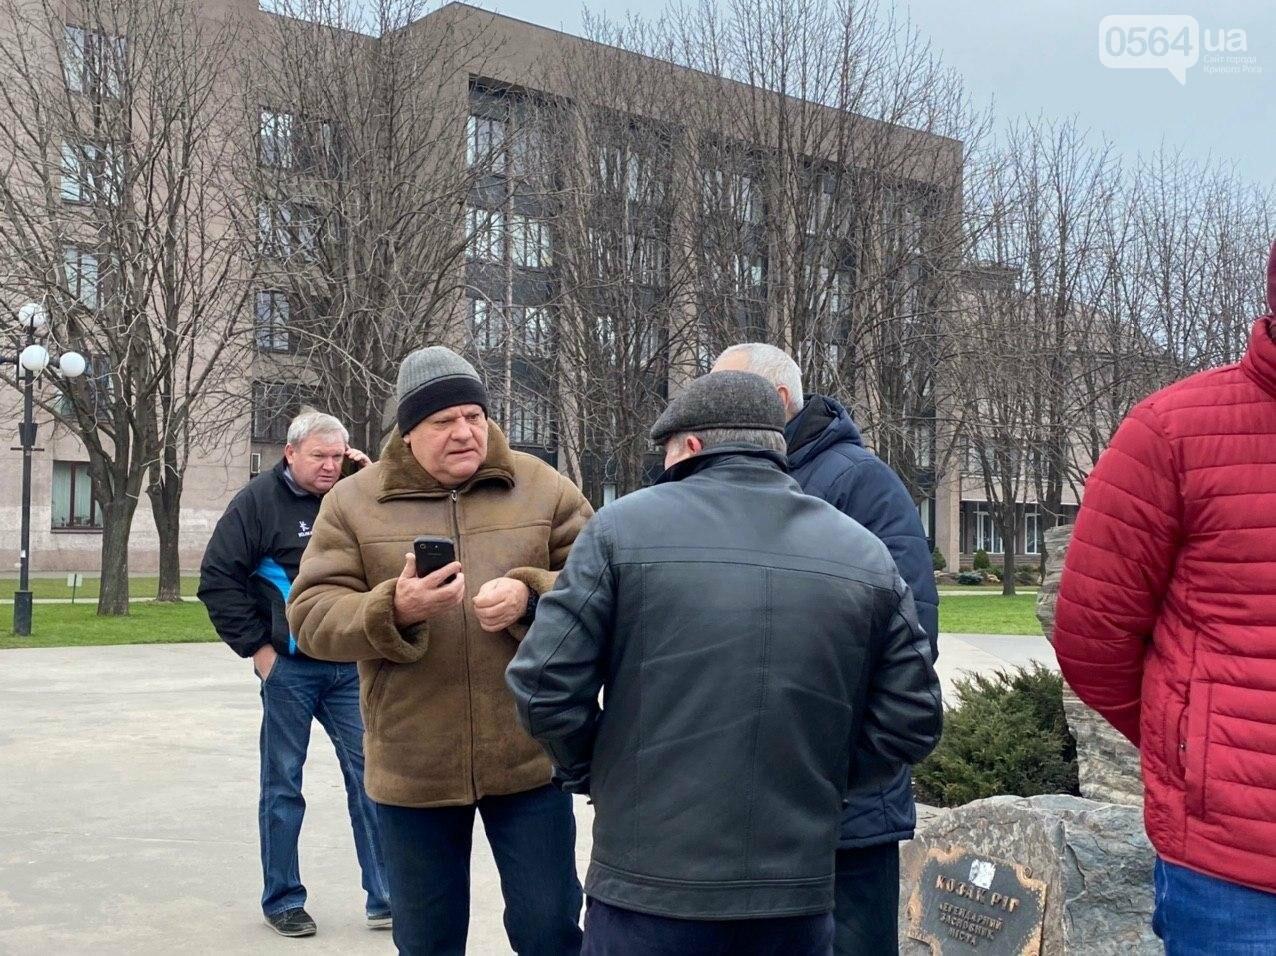 Криворожане записали видеообращение к земляку-президенту и рассказали, как ему убивают рейтинги в городе, - ФОТО, ВИДЕО , фото-4